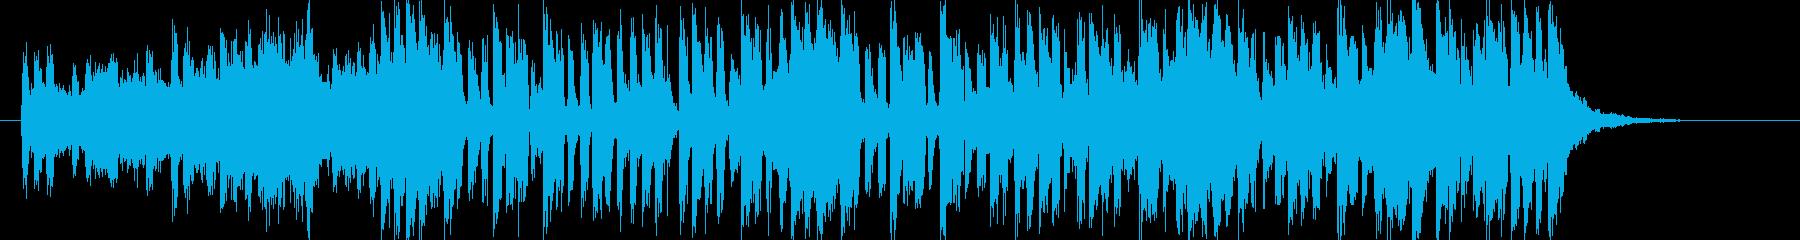 壮大で軽快なシンセポップジングルの再生済みの波形